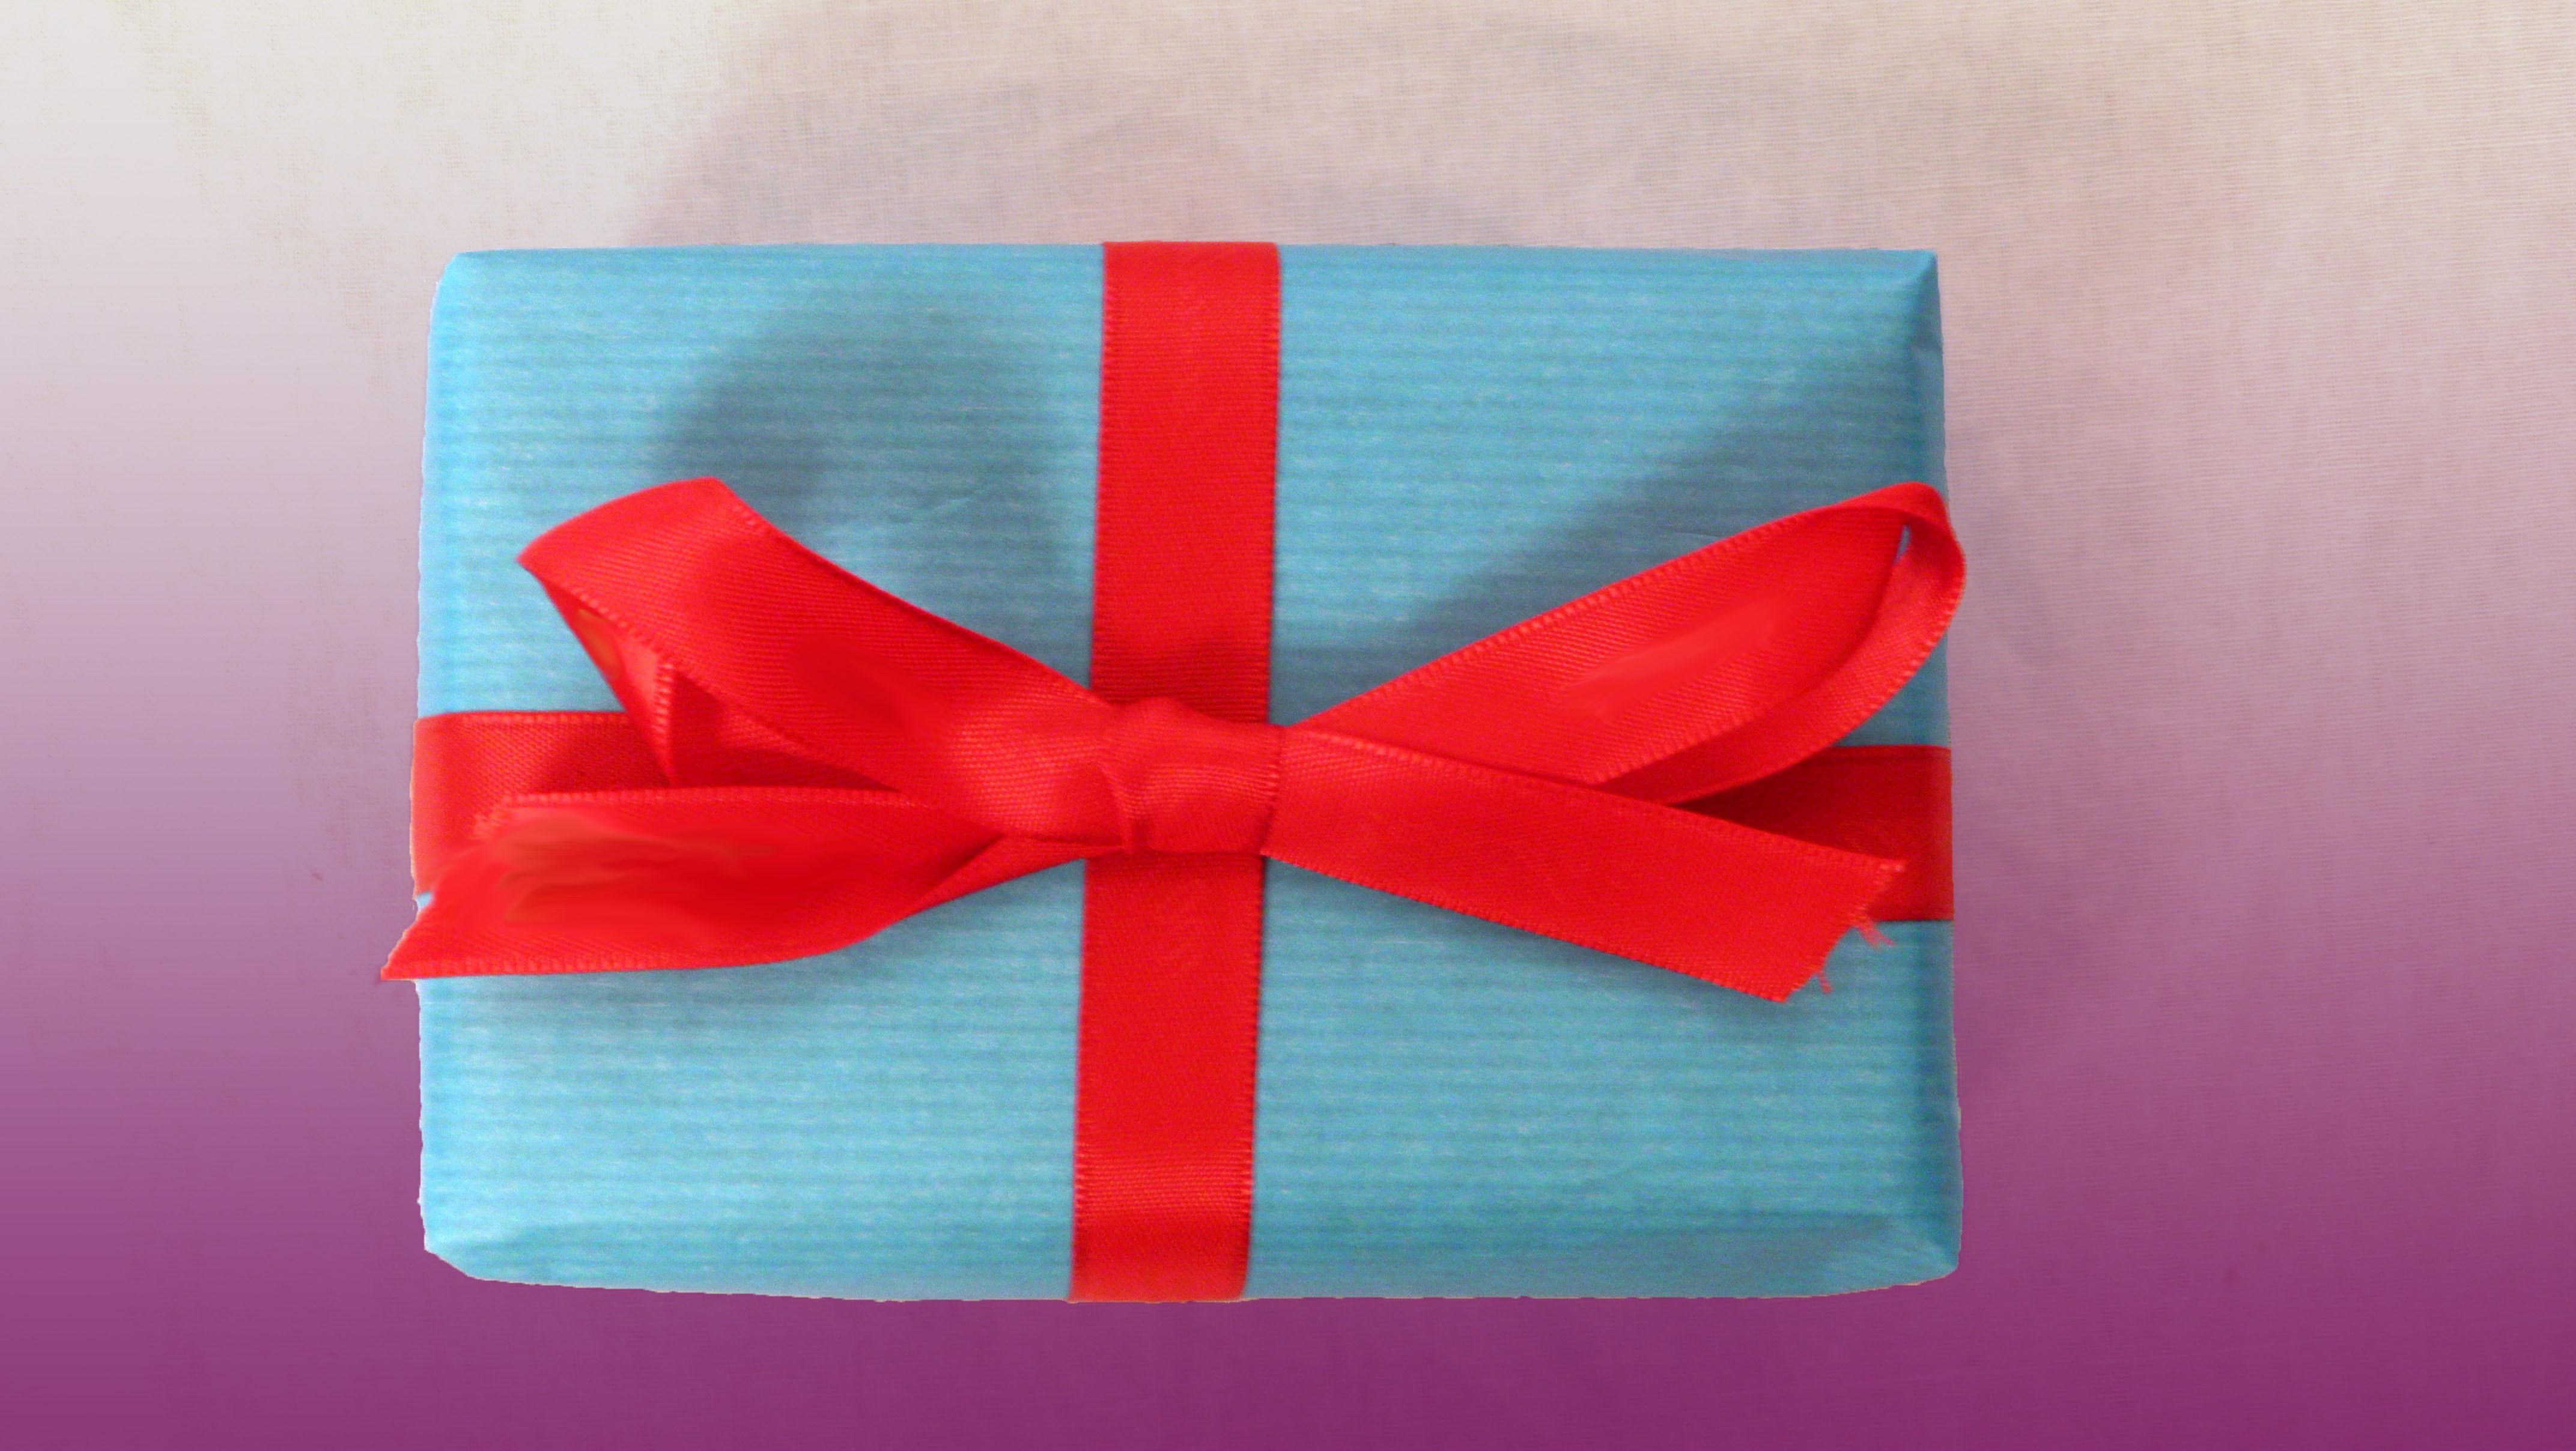 #950E16 Décorer Son Emballage Cadeau Emballage Cadeau 5335 décorations de noel avec ruban 4288x2416 px @ aertt.com